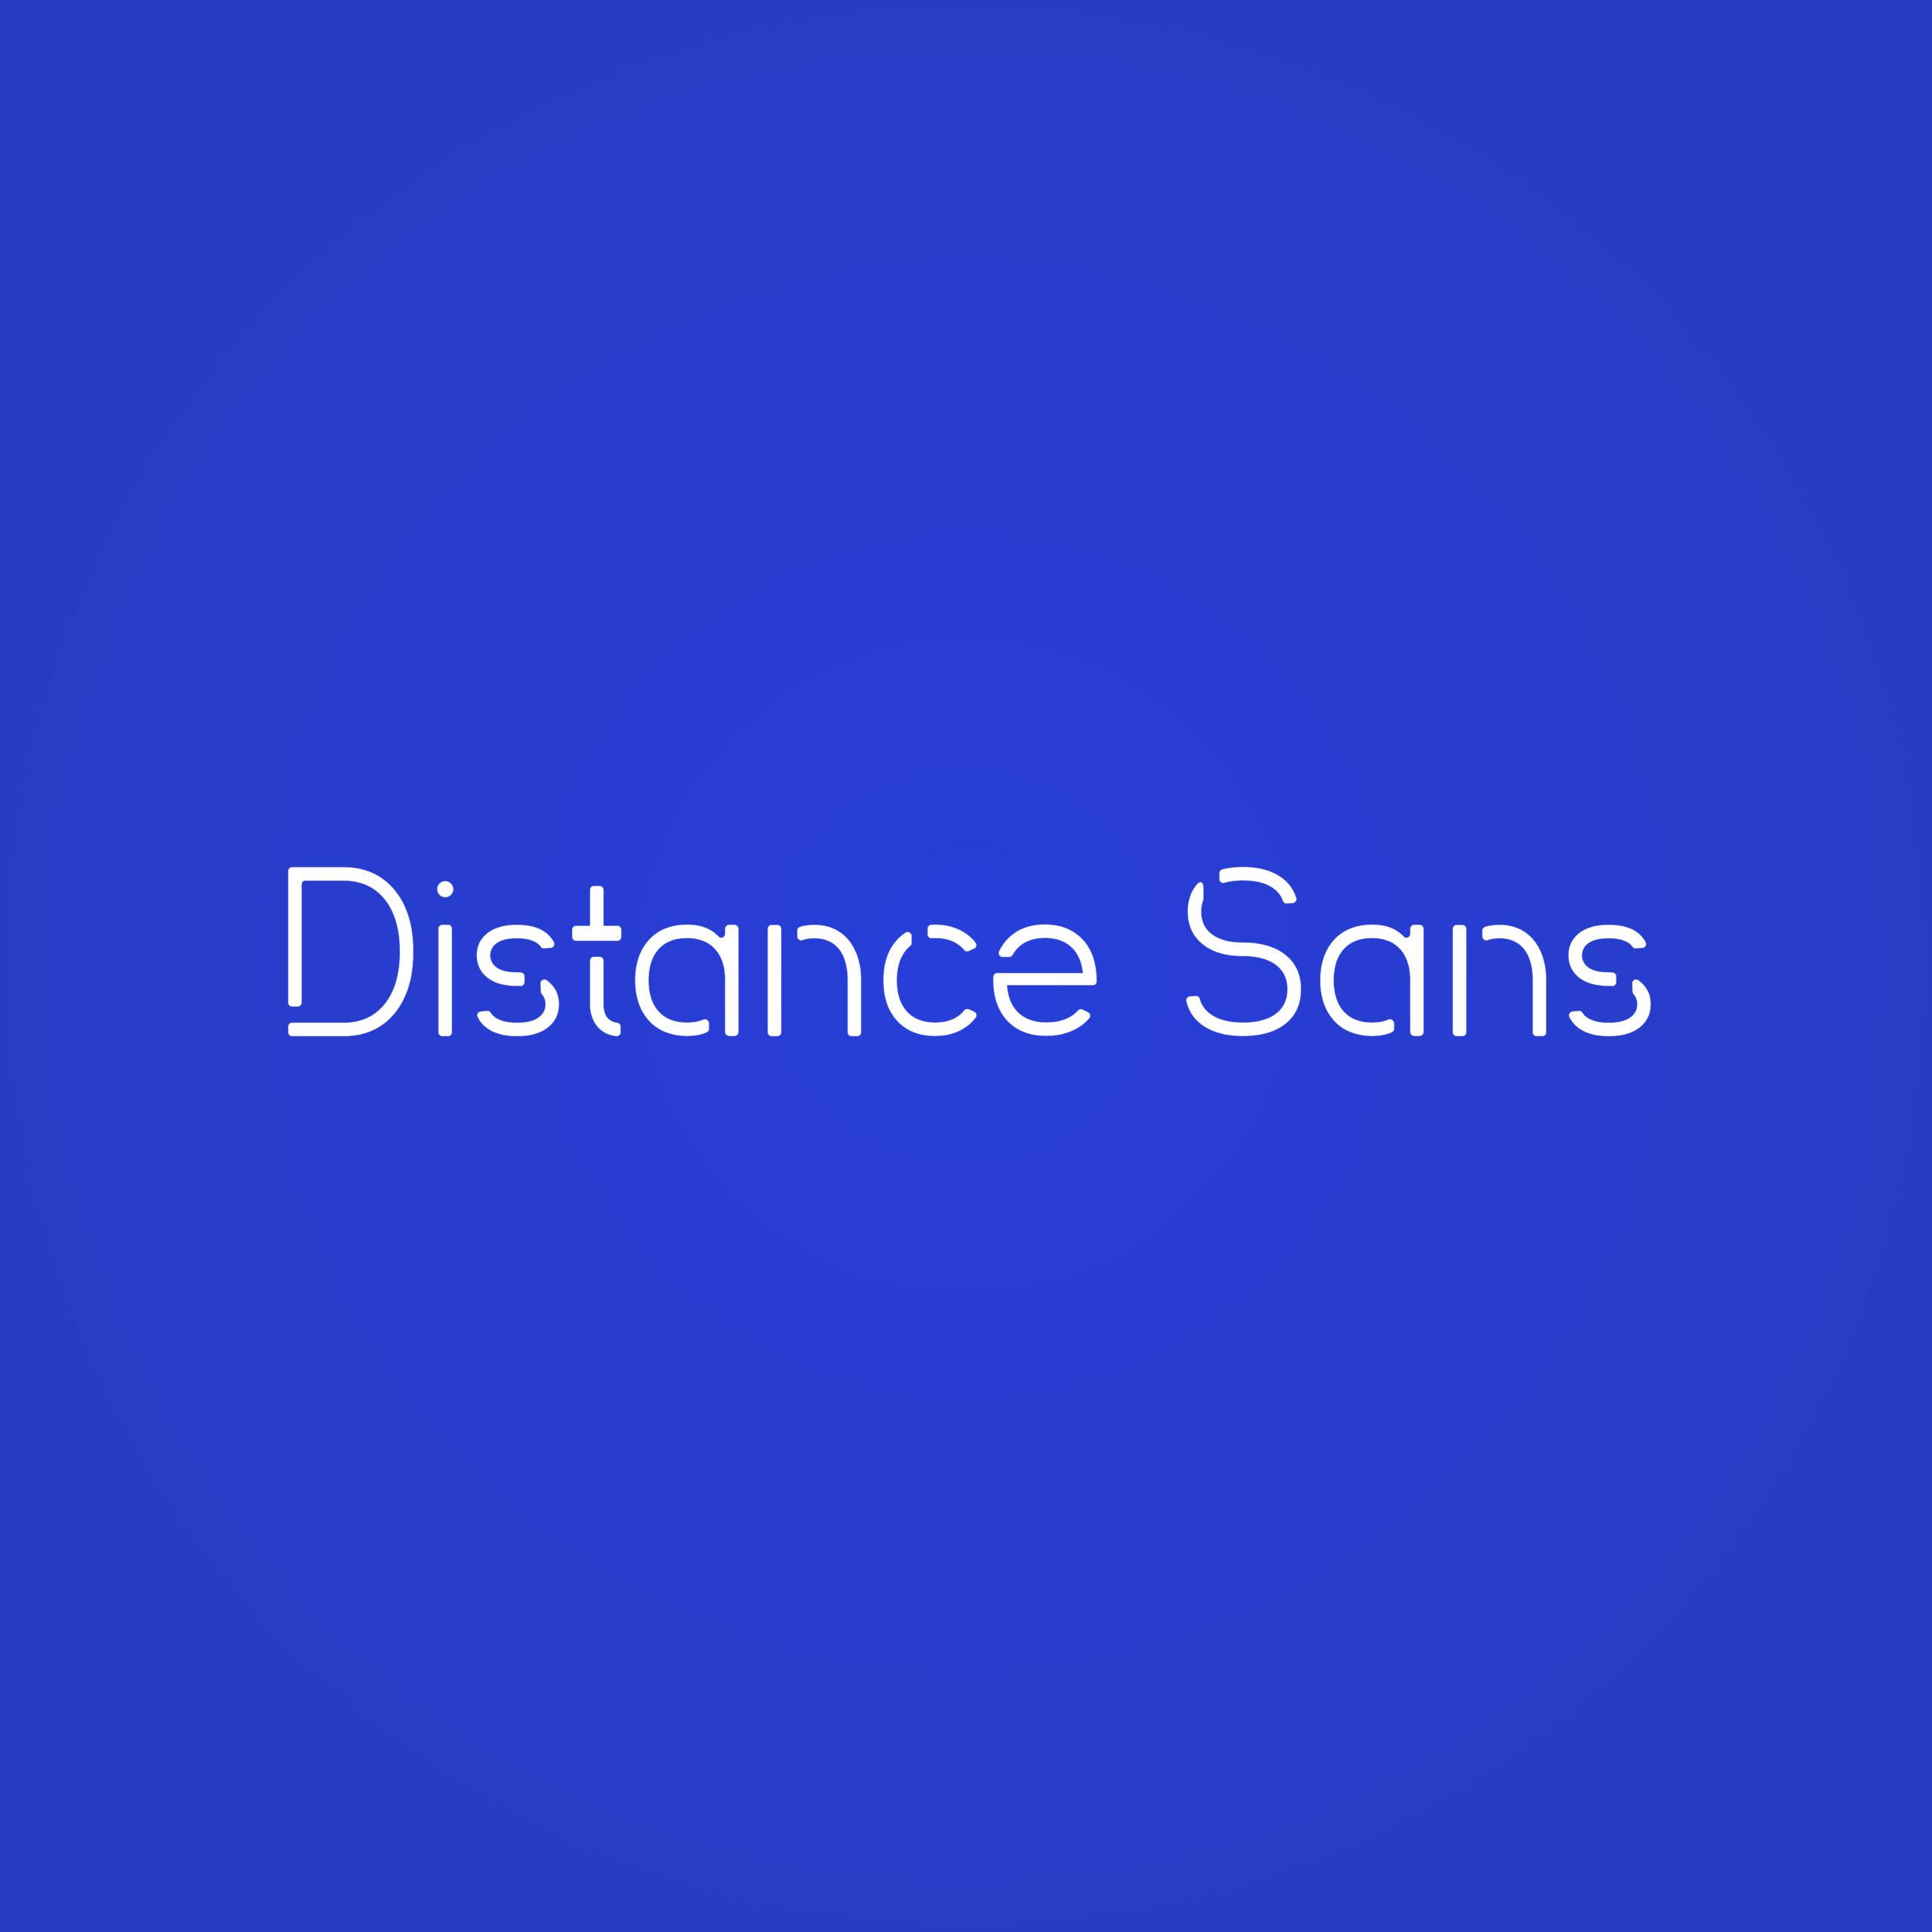 Distance Sans typeface